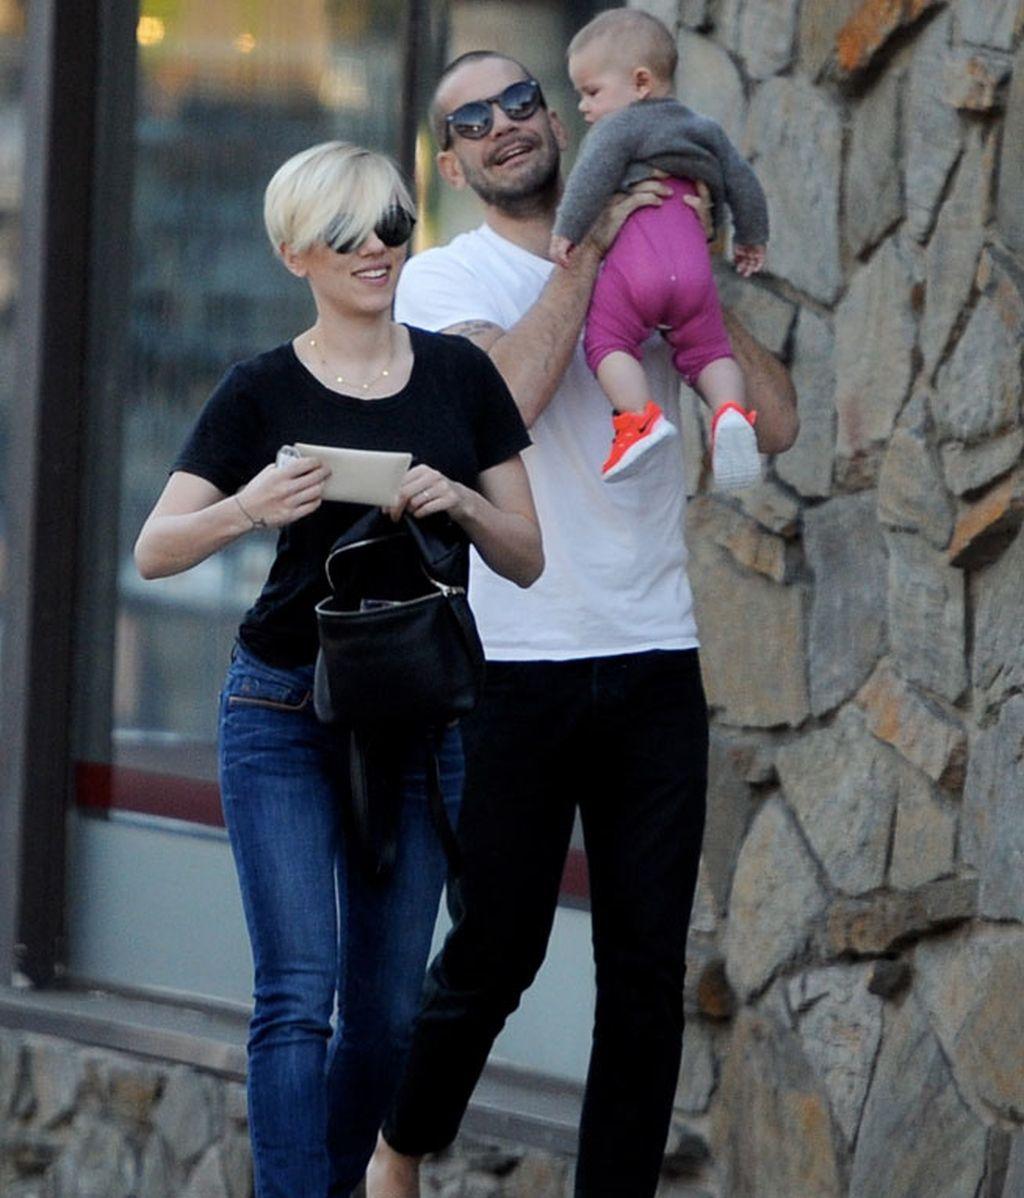 Fue Romain Dauriac quien llevó a su hija en brazos durante el paseo